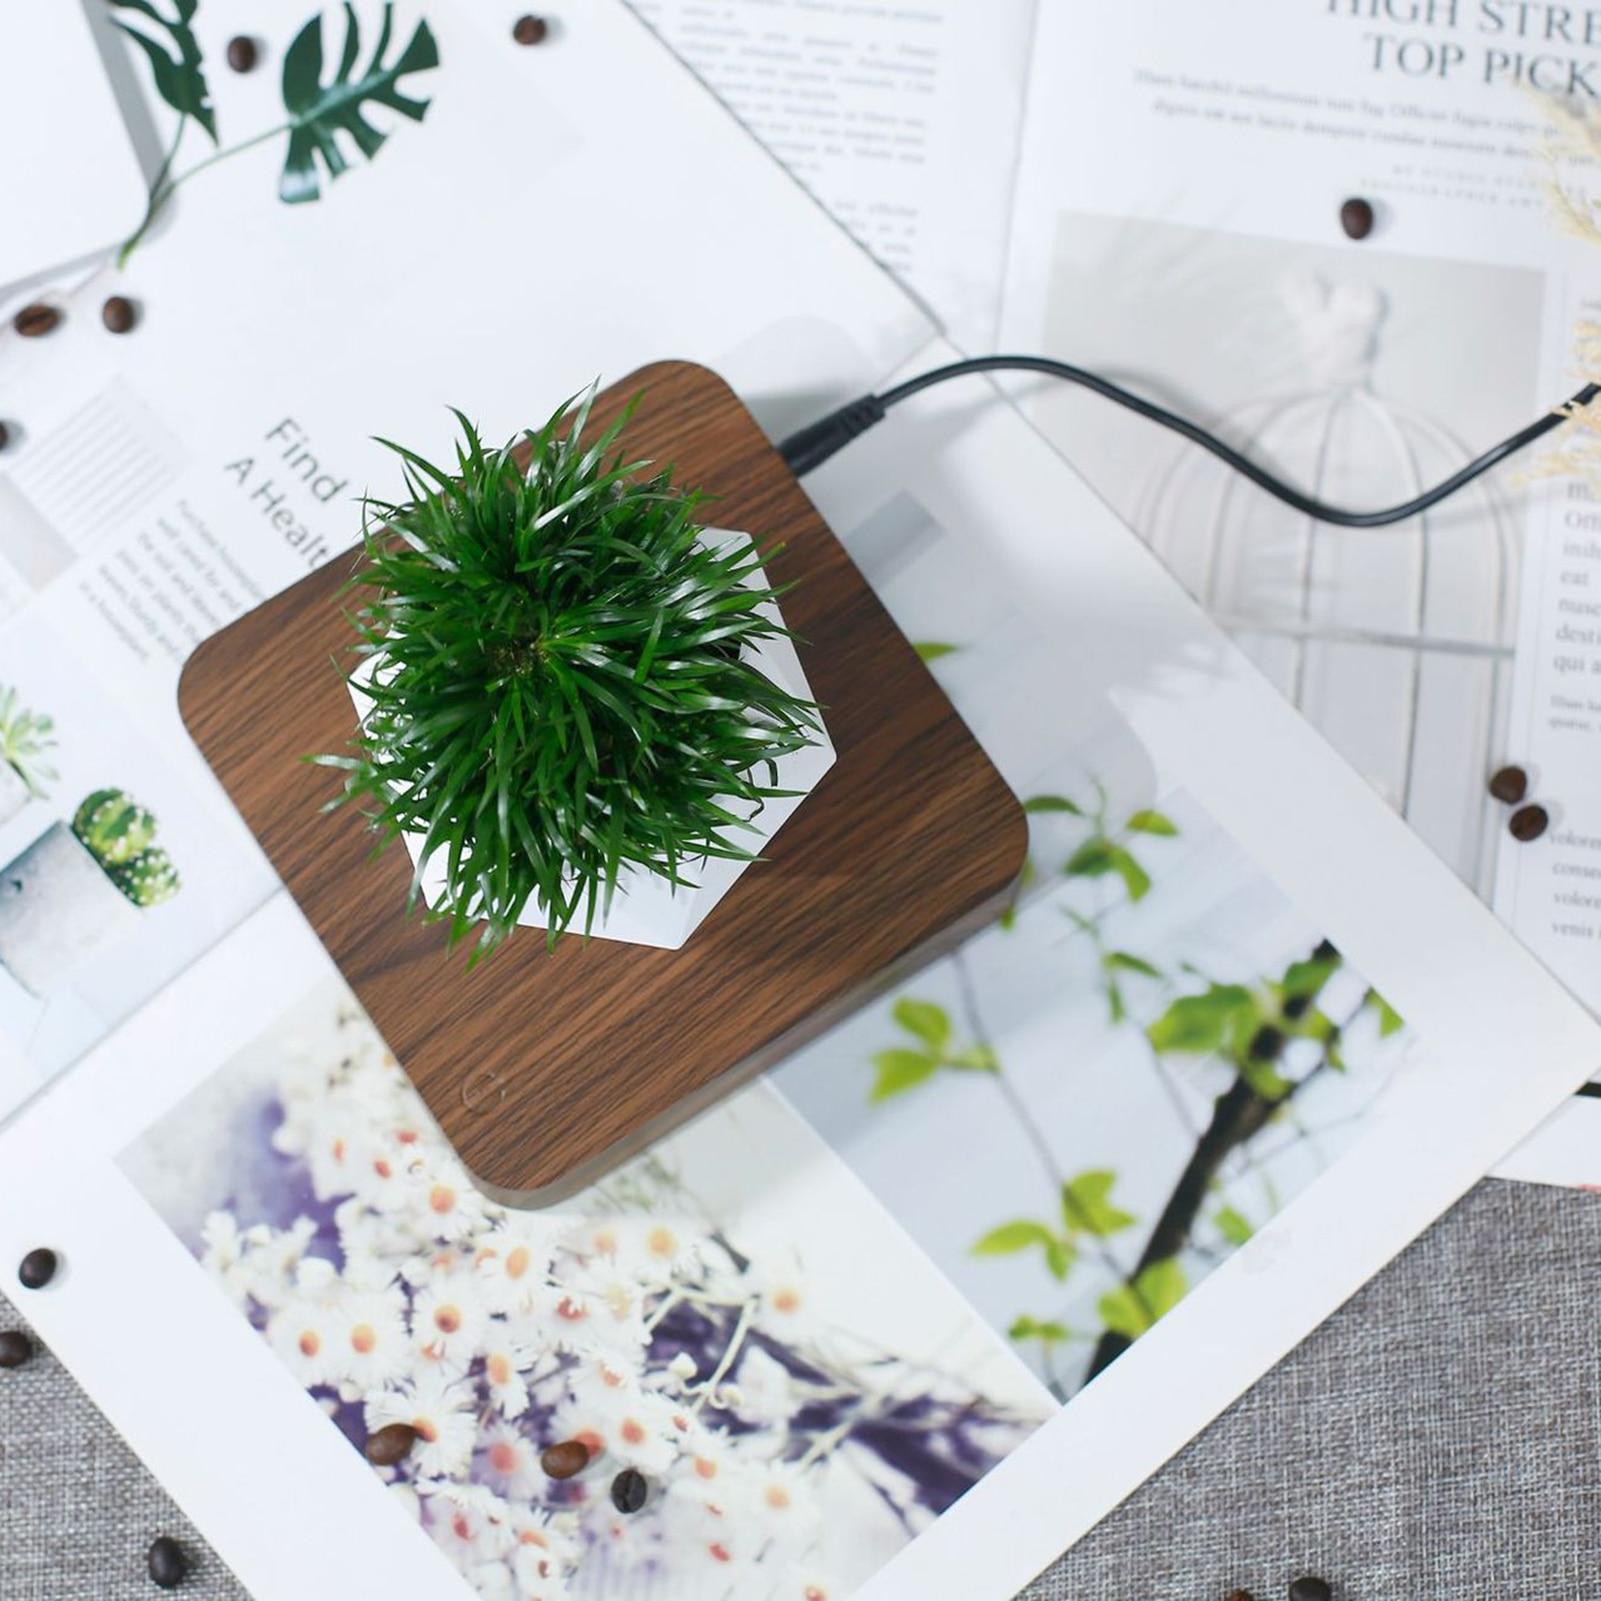 Левитирующий воздух бонсай горшок магнитный вращение цветок горшок растение горшок суккулент горшок патио дом декор рабочий стол зеленый растение цветок горшок